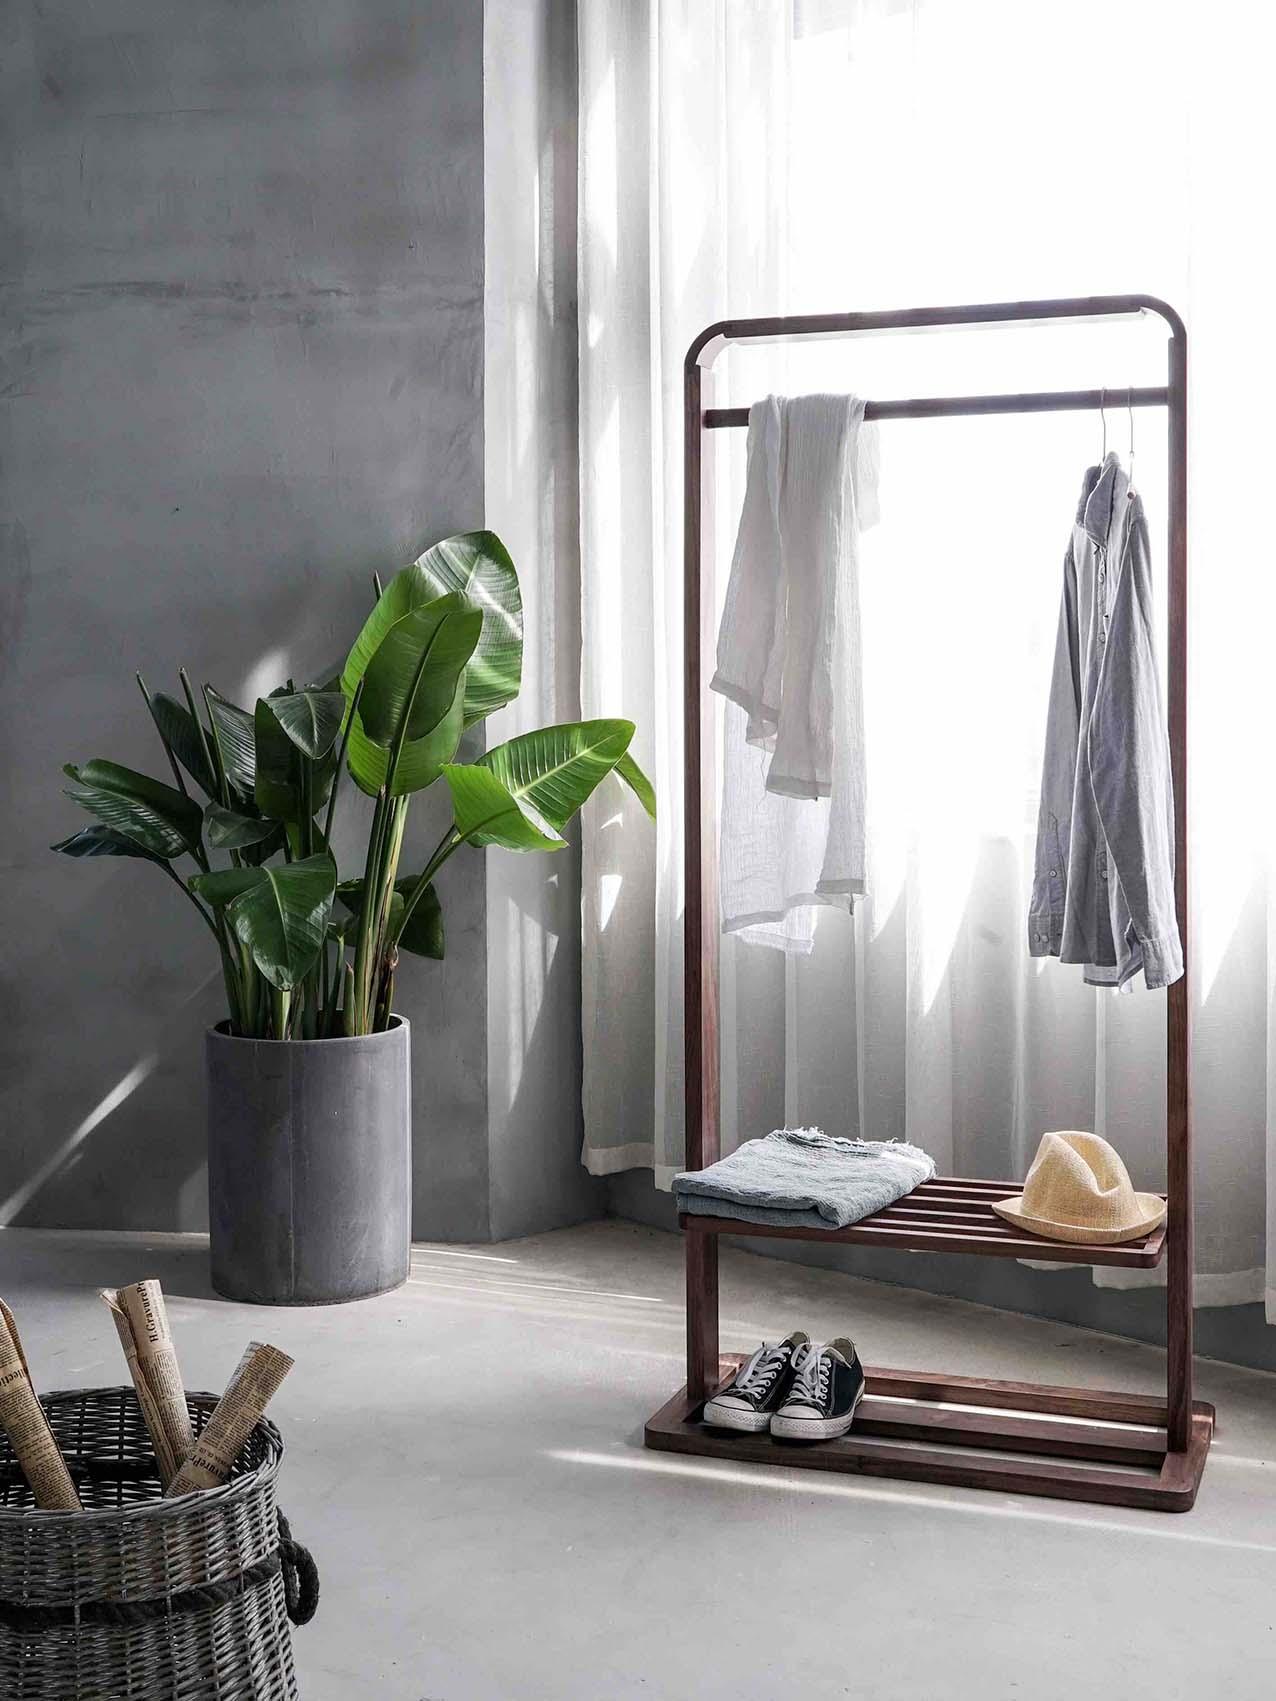 Lagom Vivre Mieux Avec Moins le minimalisme - we are green